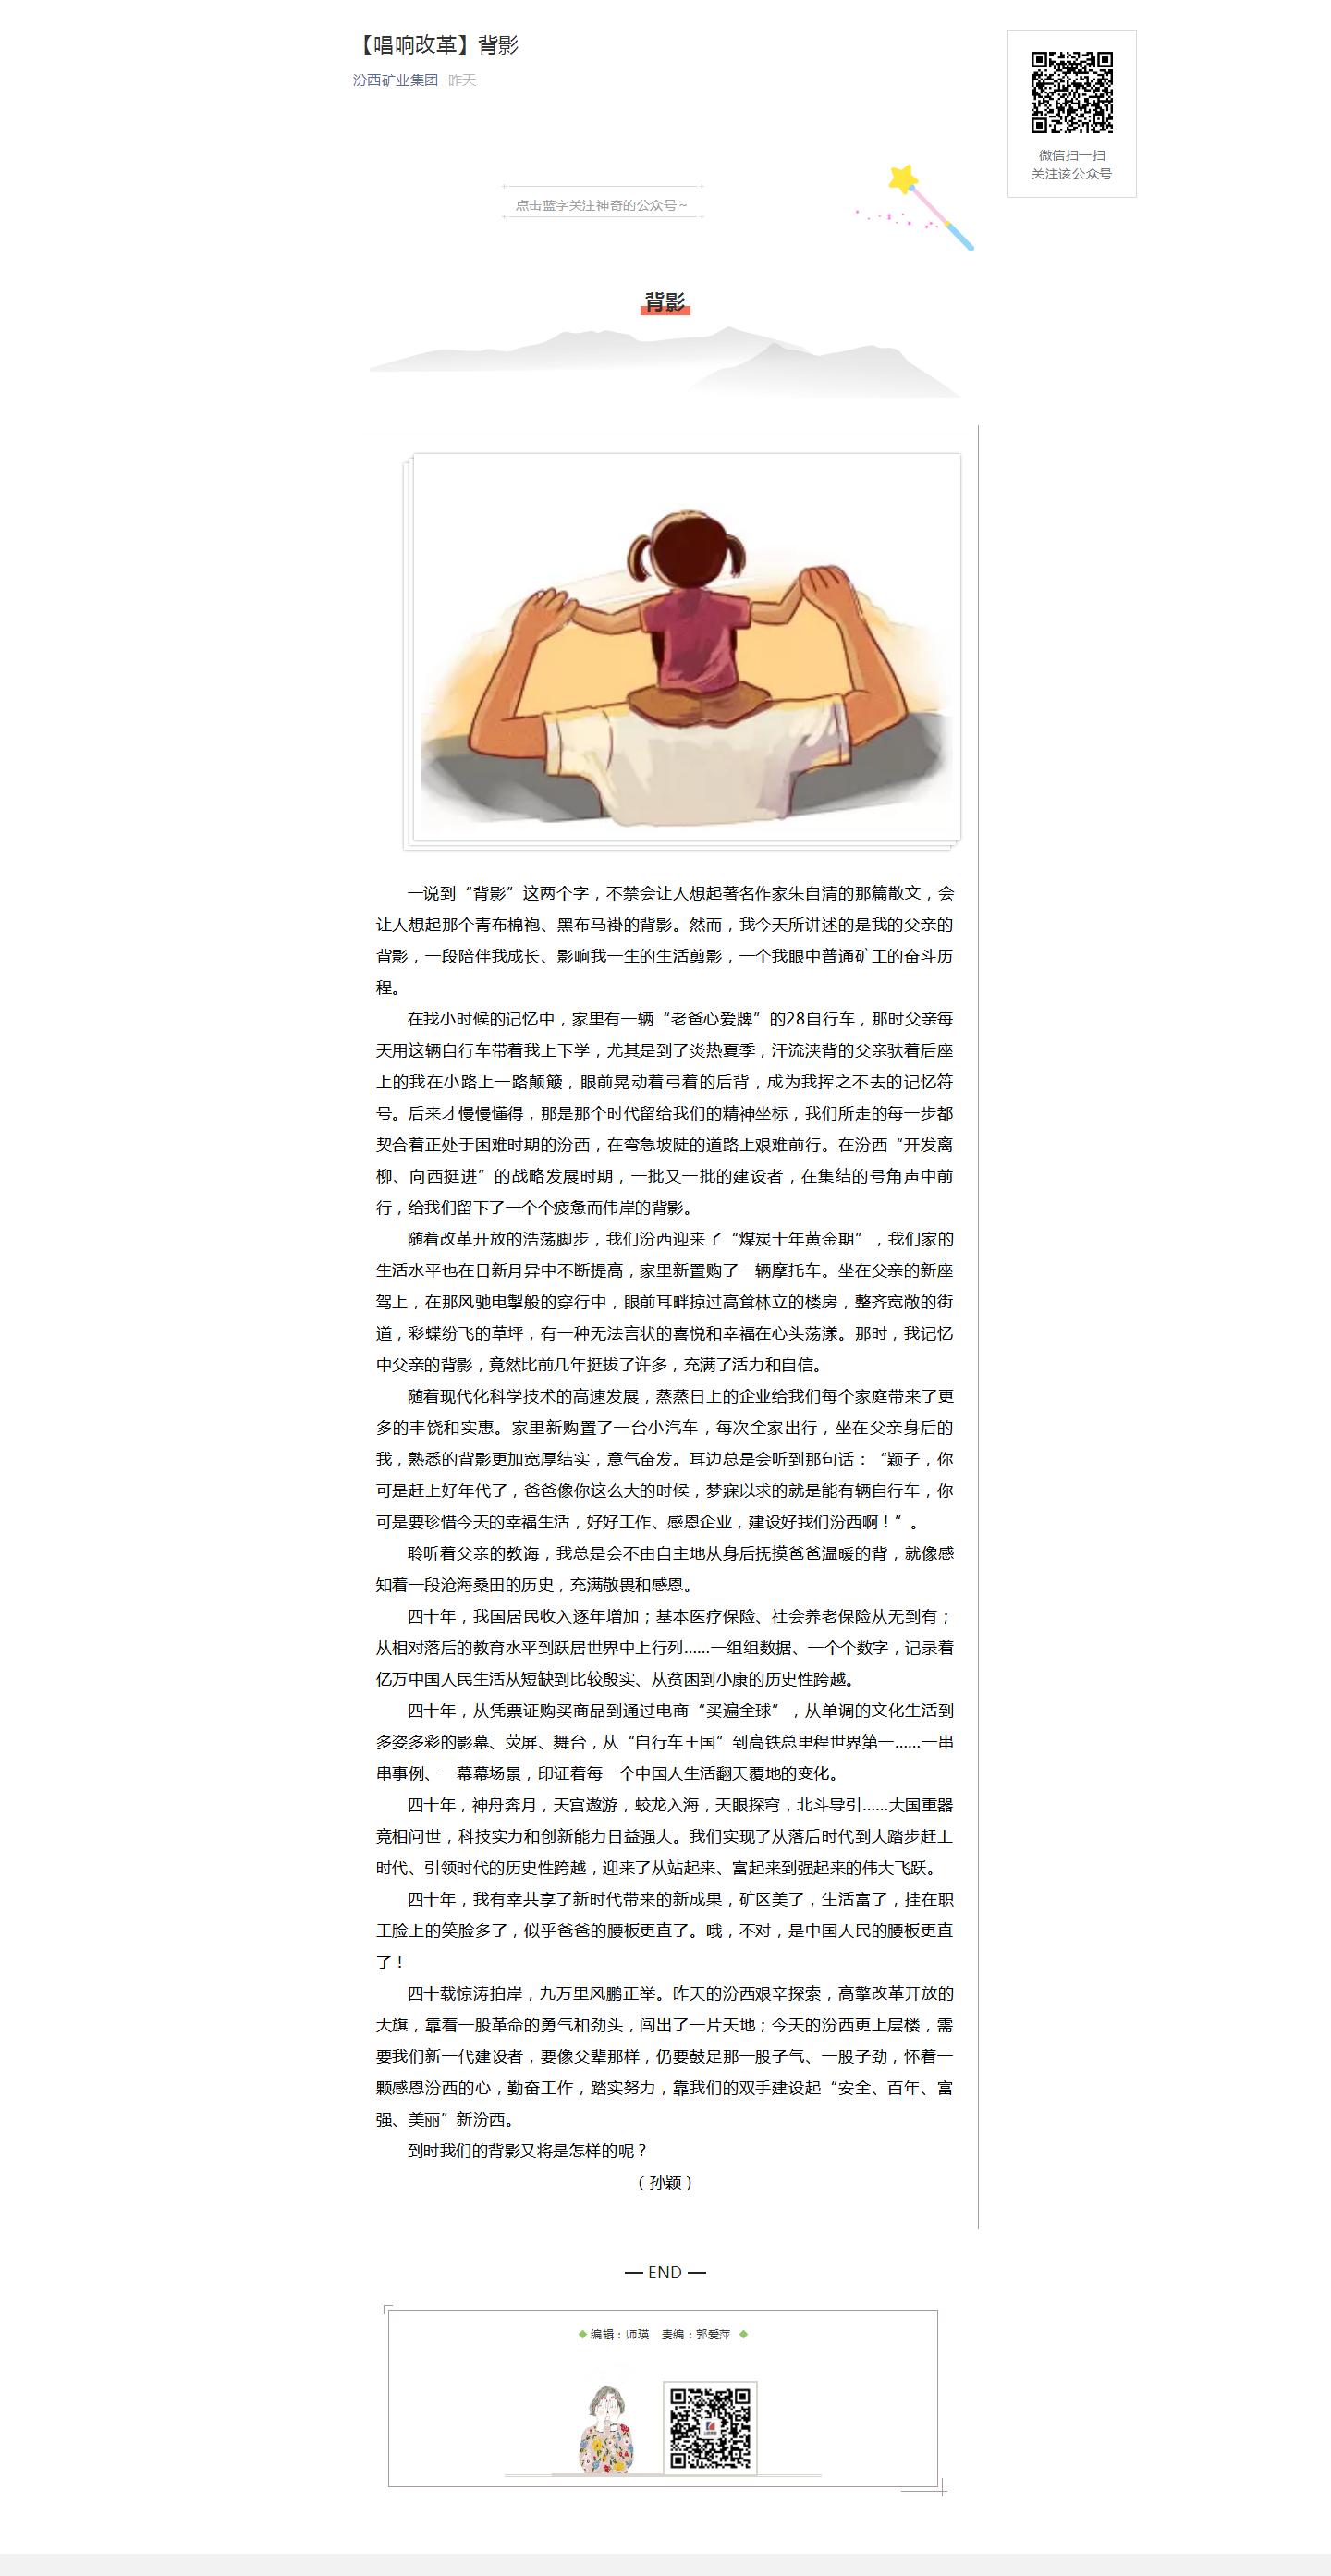 【唱响改革】背影.png